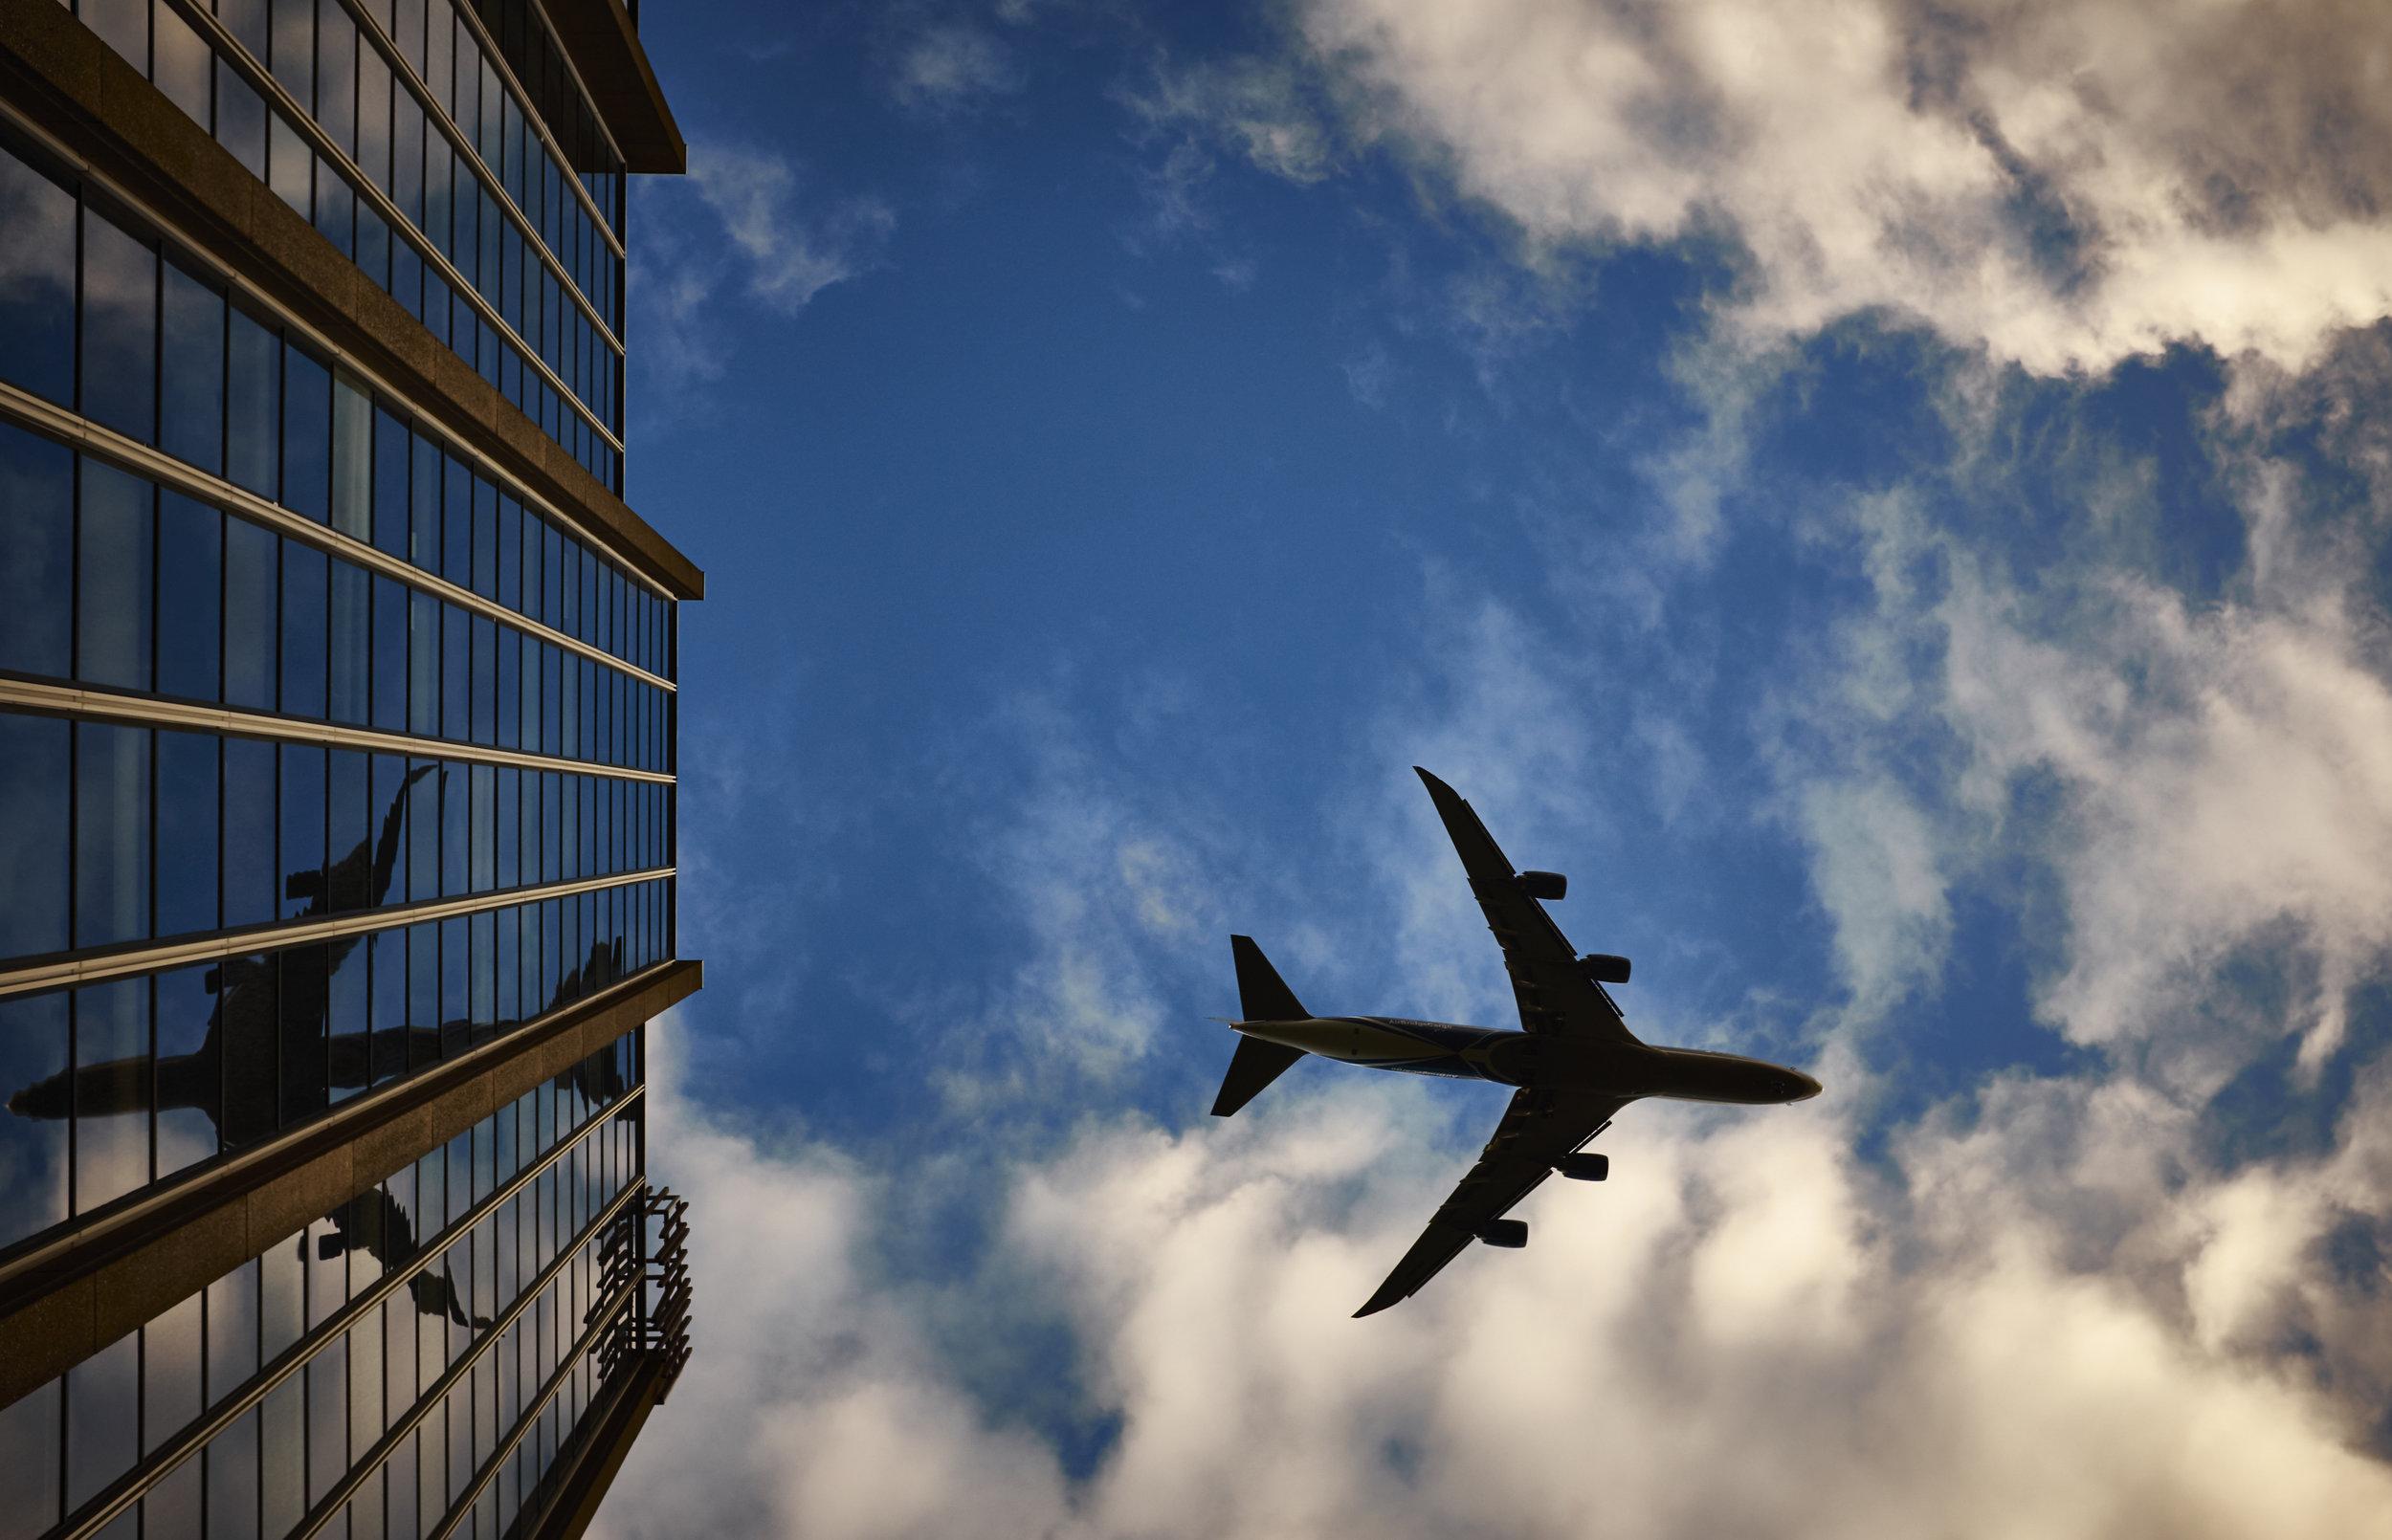 plane in sky.jpg